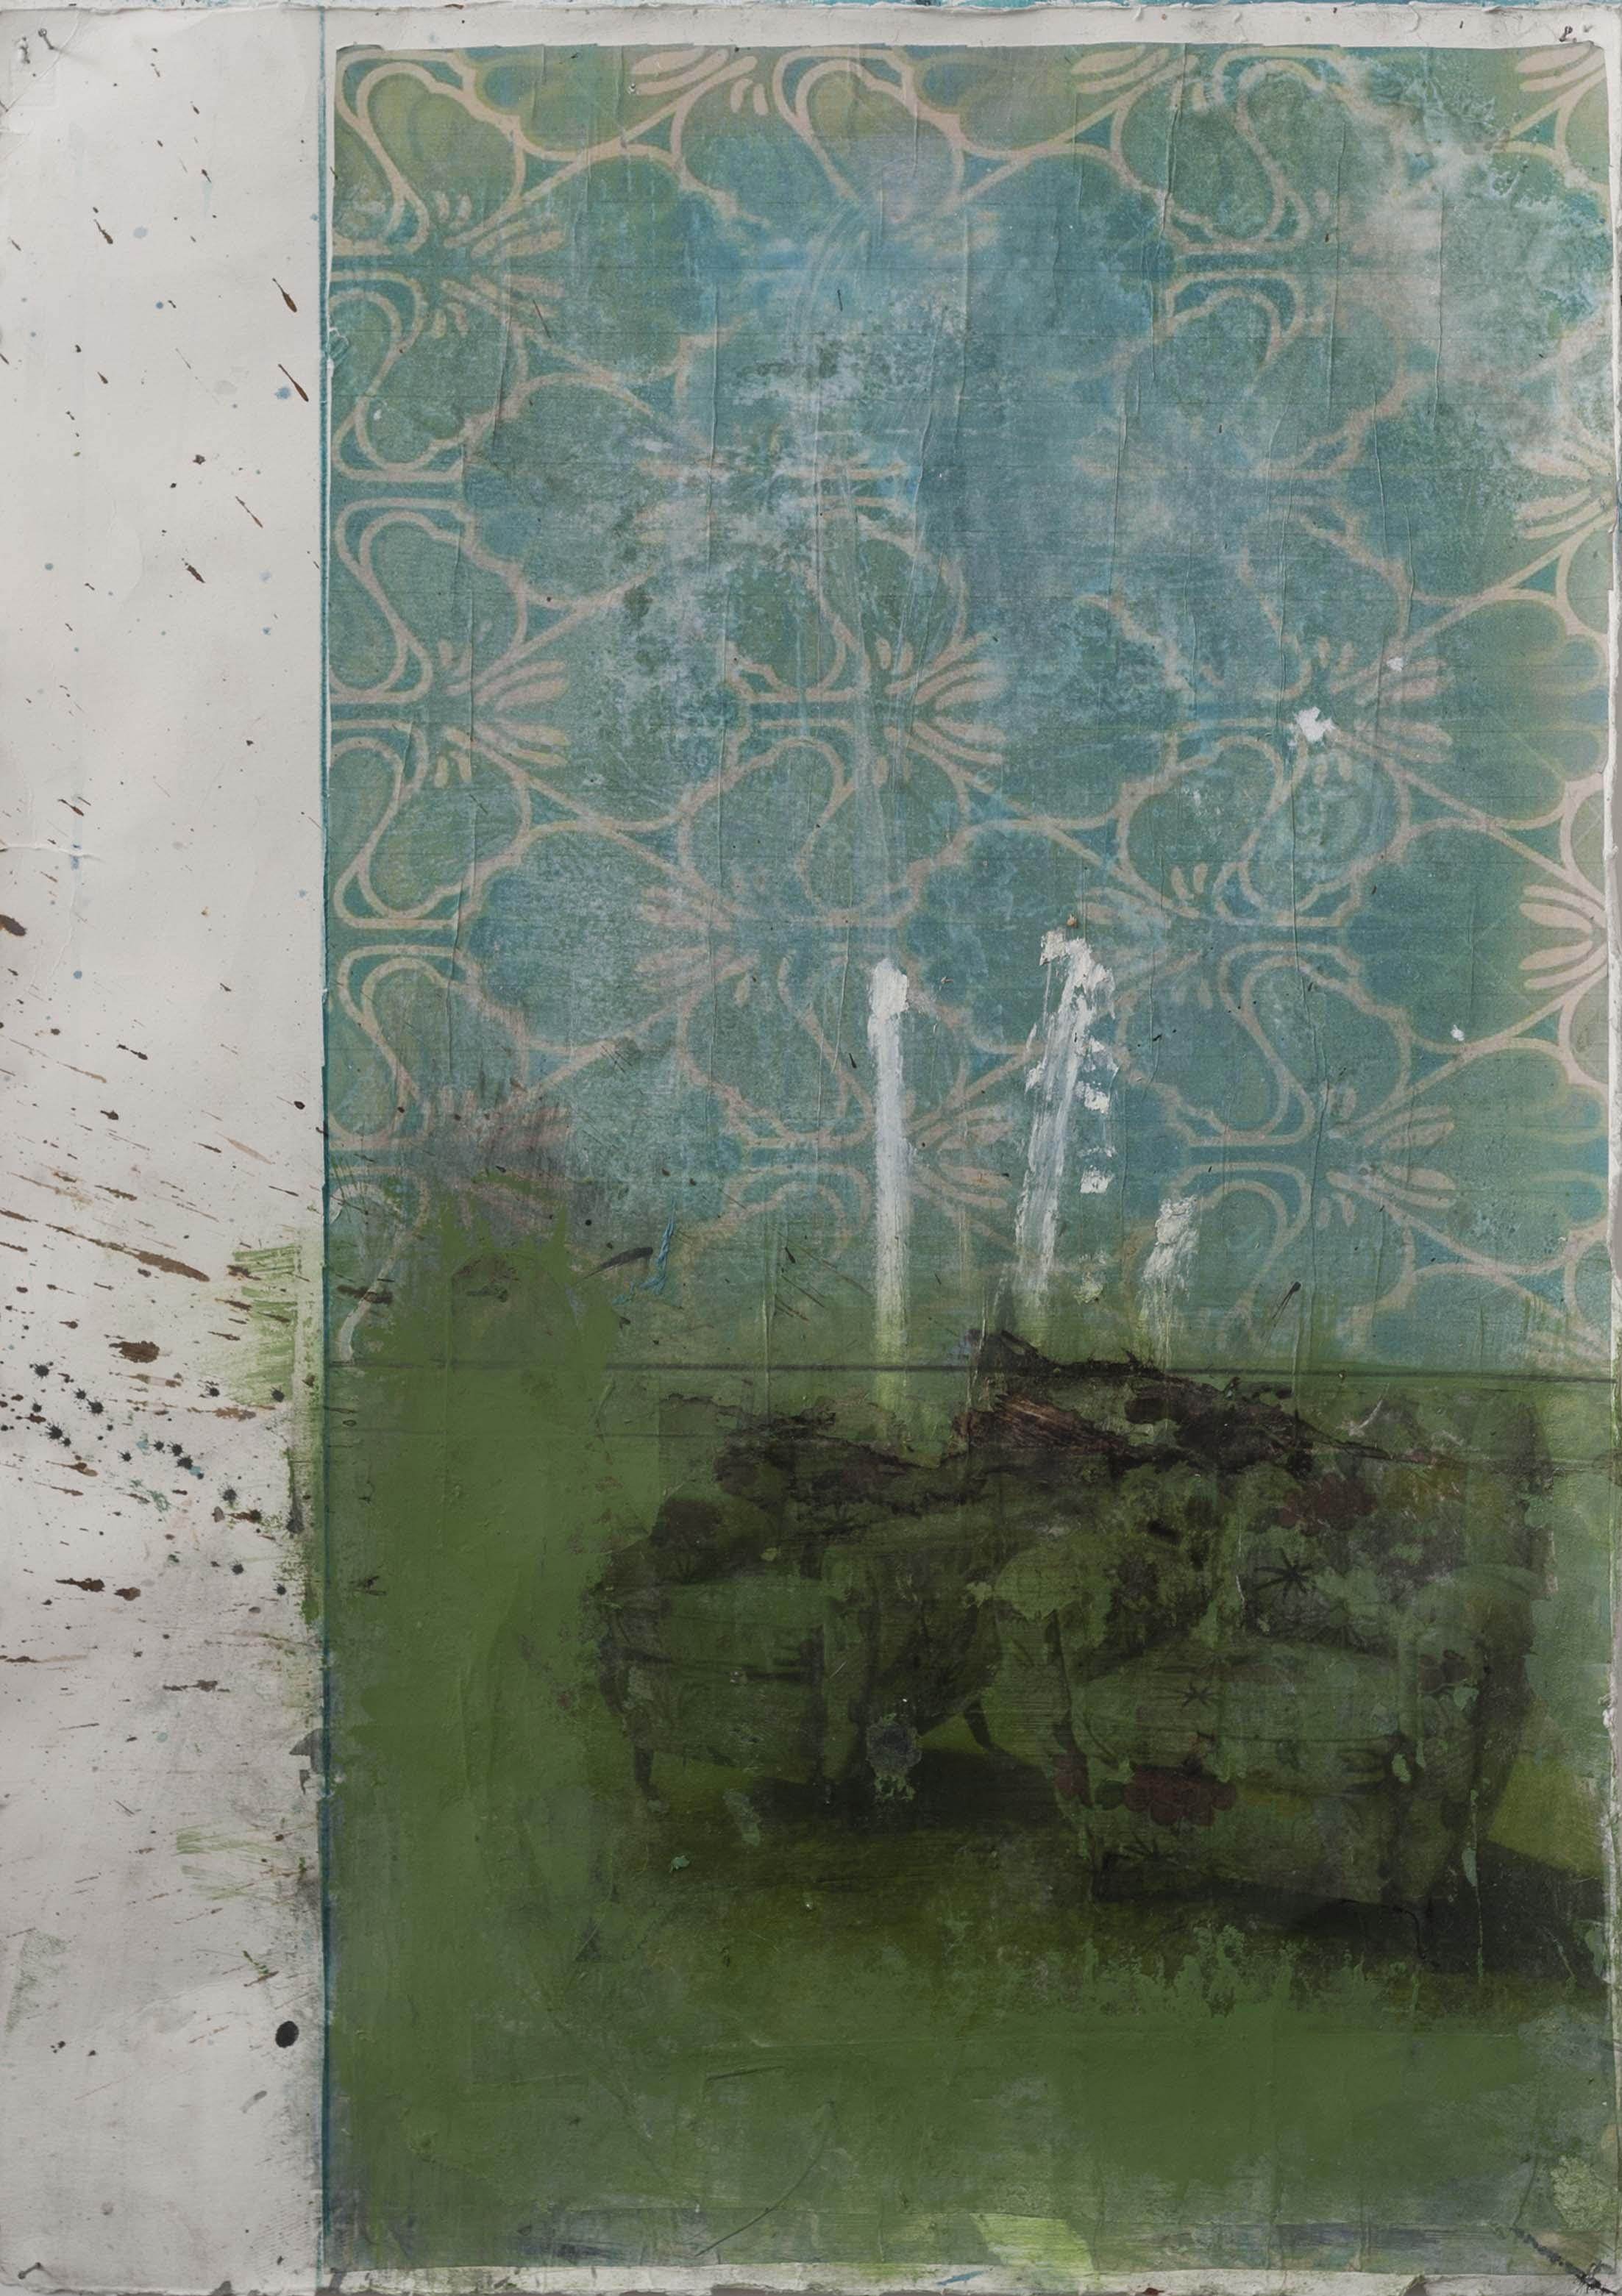 Veronica Botticelli, Senza titolo, 2017